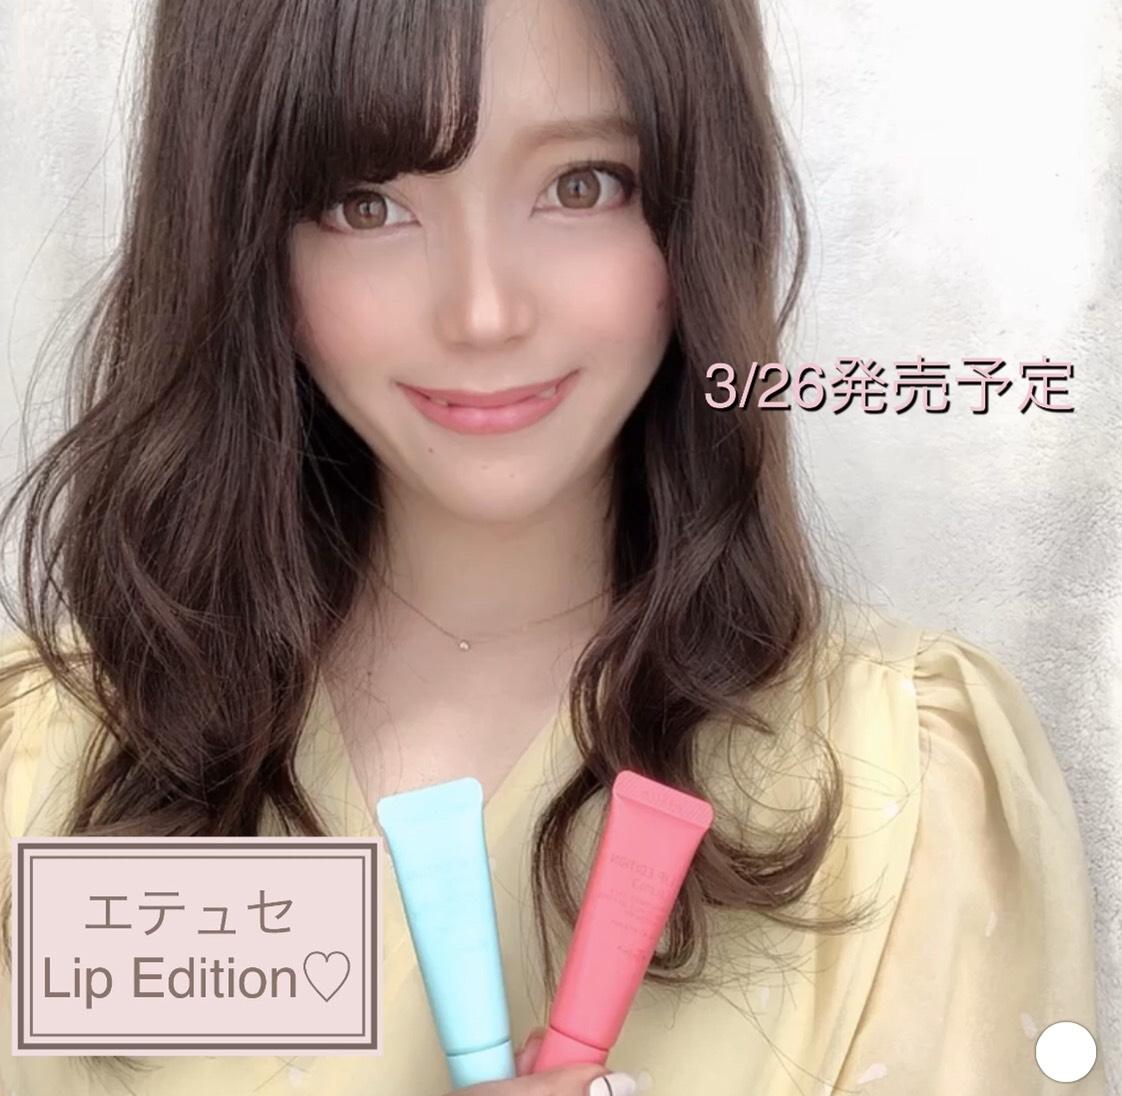 3/26発売予定!エテュセ新作LipEdition♡